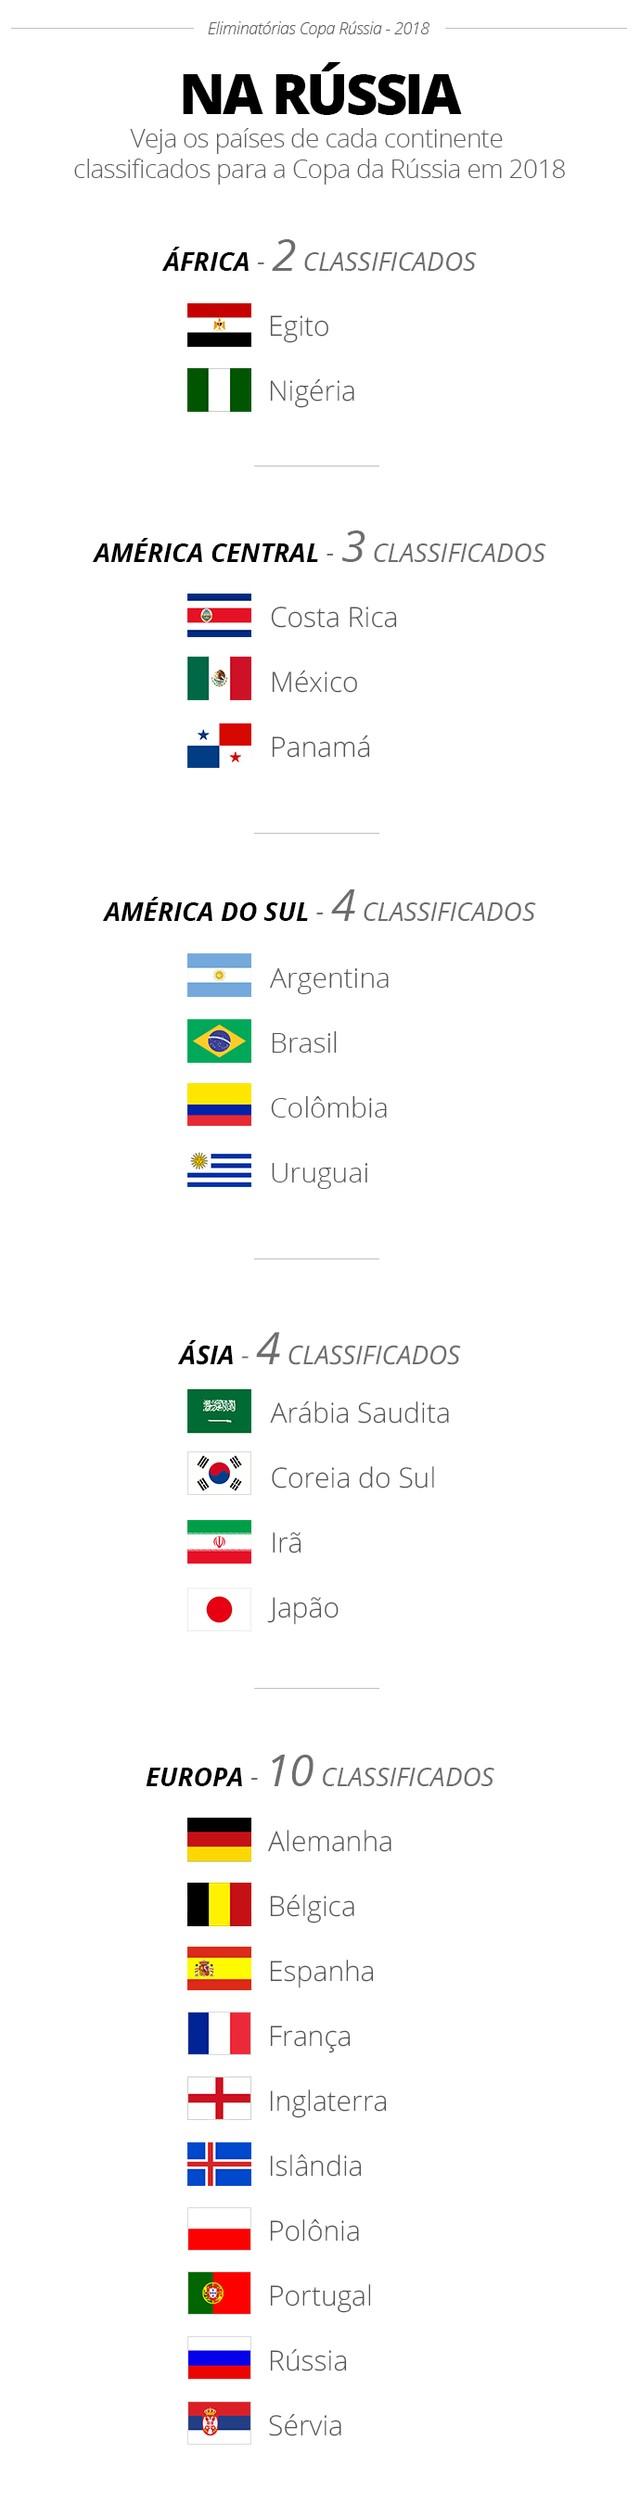 classificados-copa-russia---2018_argenti